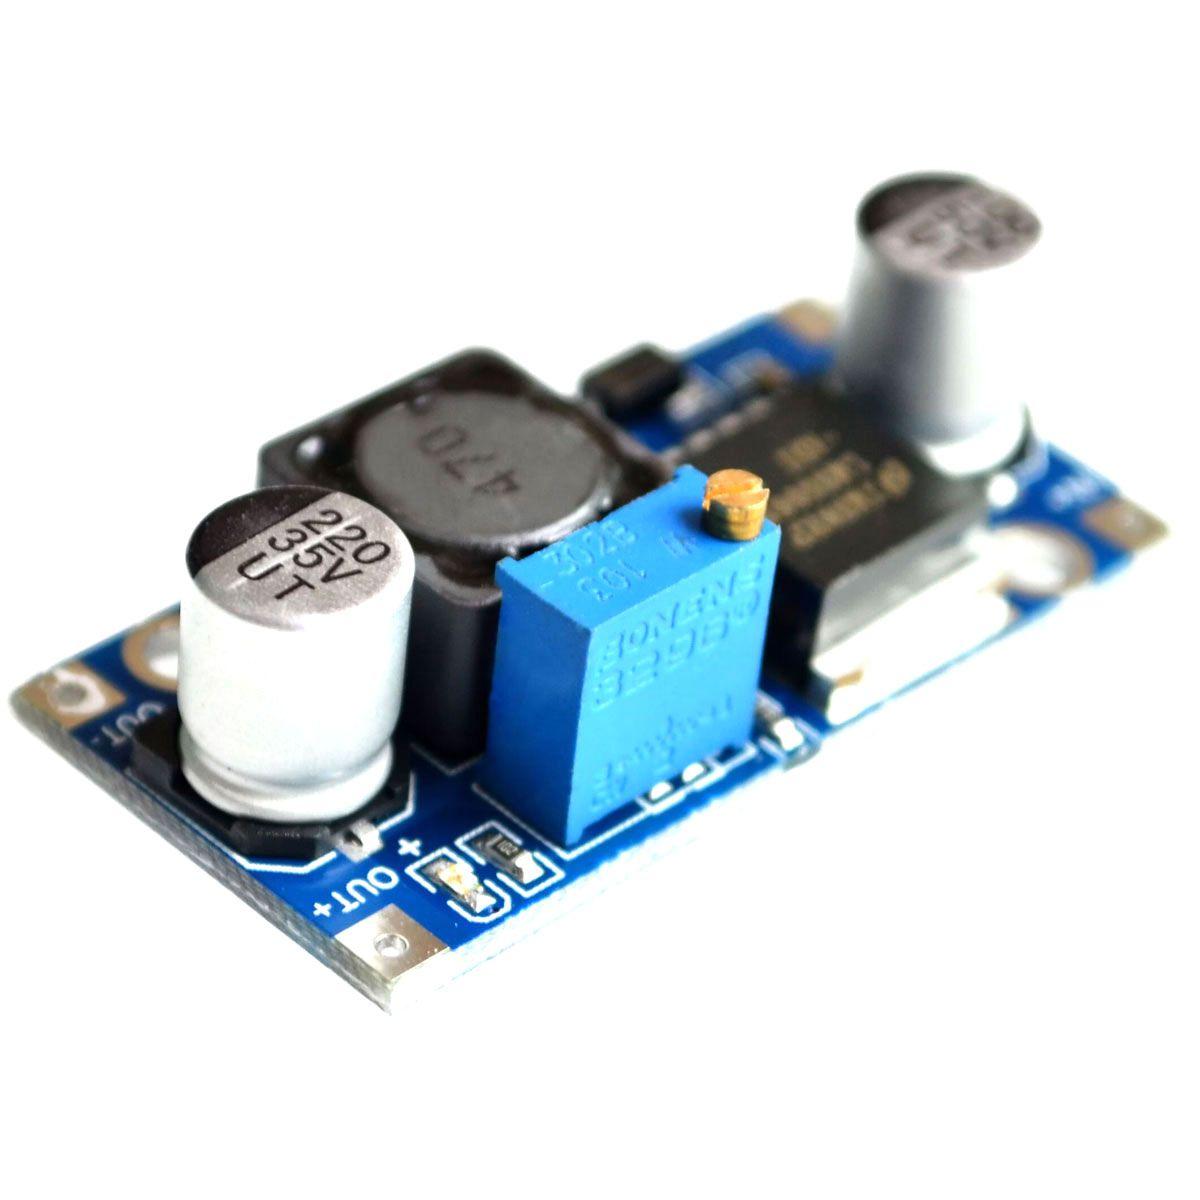 10x Regulador de Tensão Step Down Buck Conversor Dc Dc Lm2596 3a